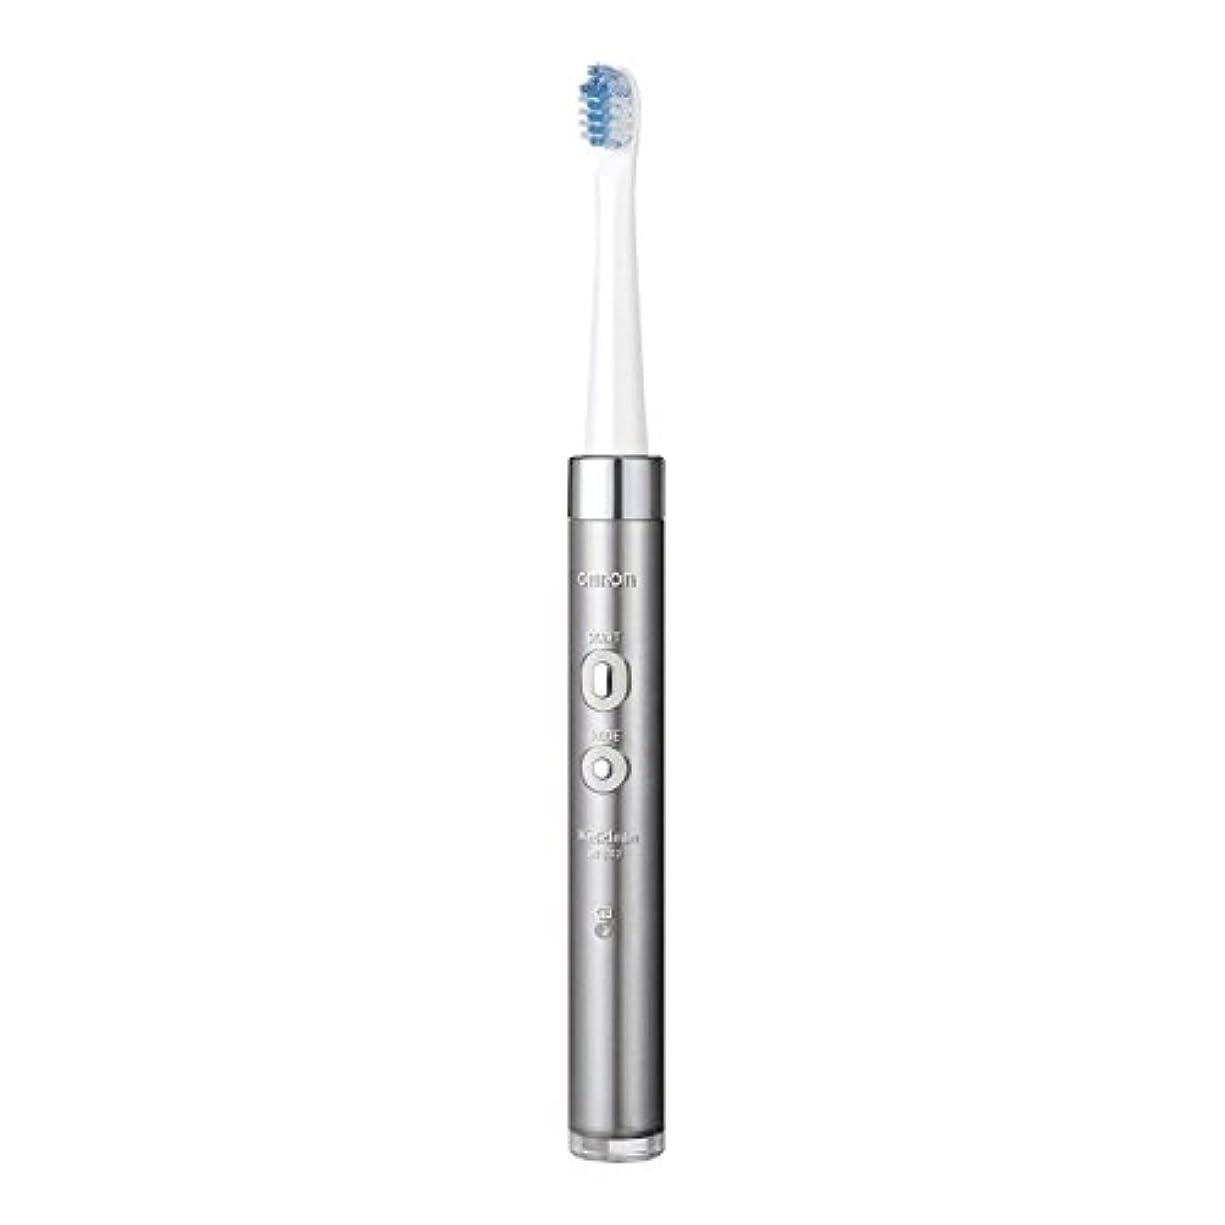 煙突言い直す一時的オムロンヘルスケア 音波式電動歯ブラシ HT-B312-SL シルバー